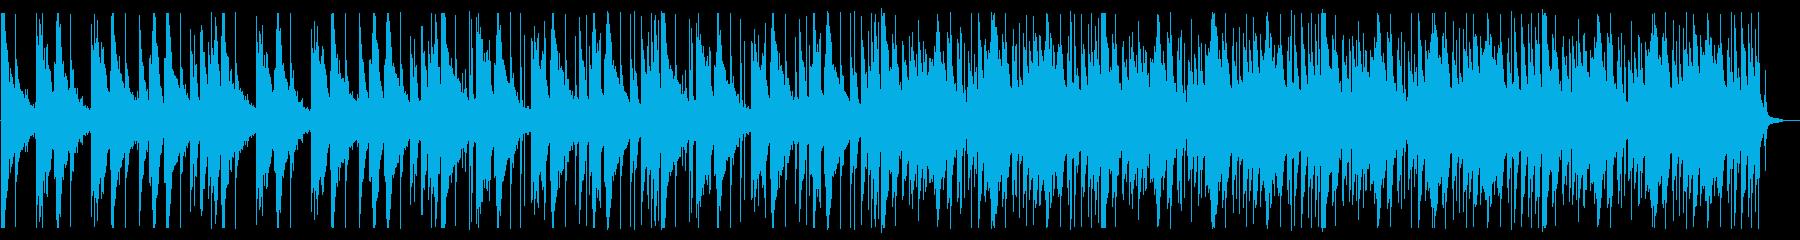 落ち着いたピコピコとしたBGM_3の再生済みの波形